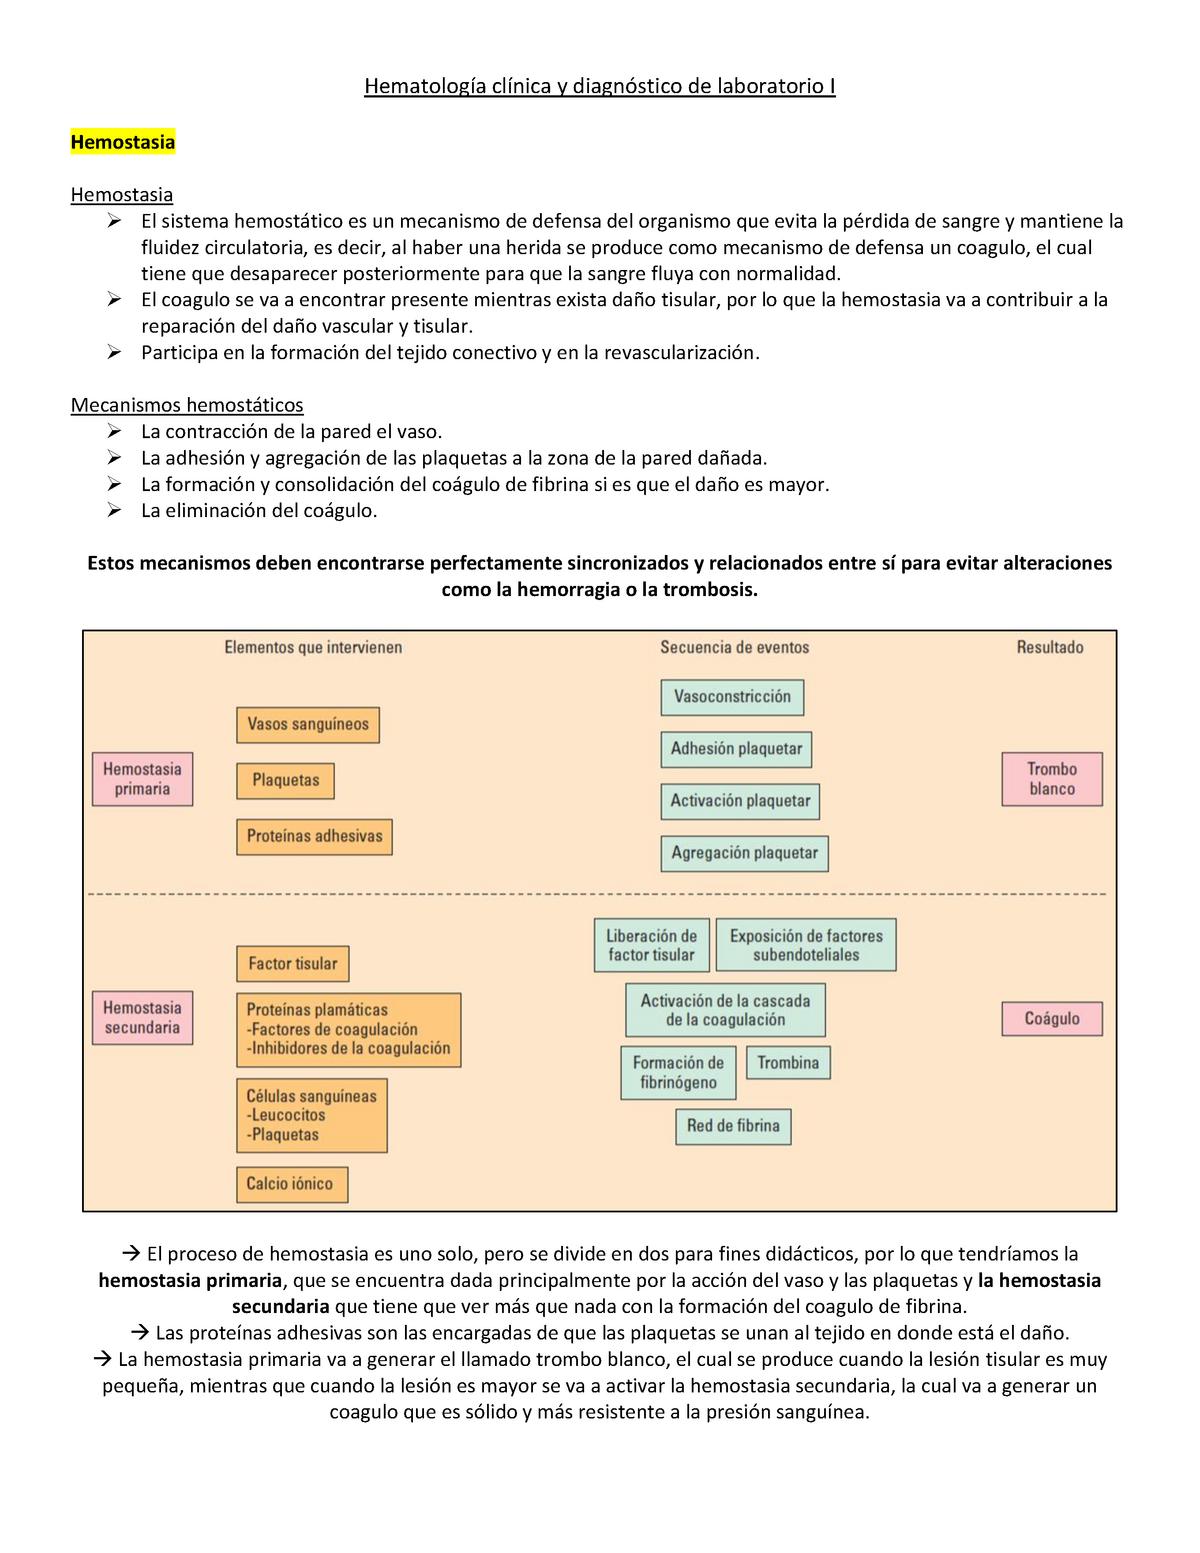 diferencias entre hemostasia primaria y secundaria